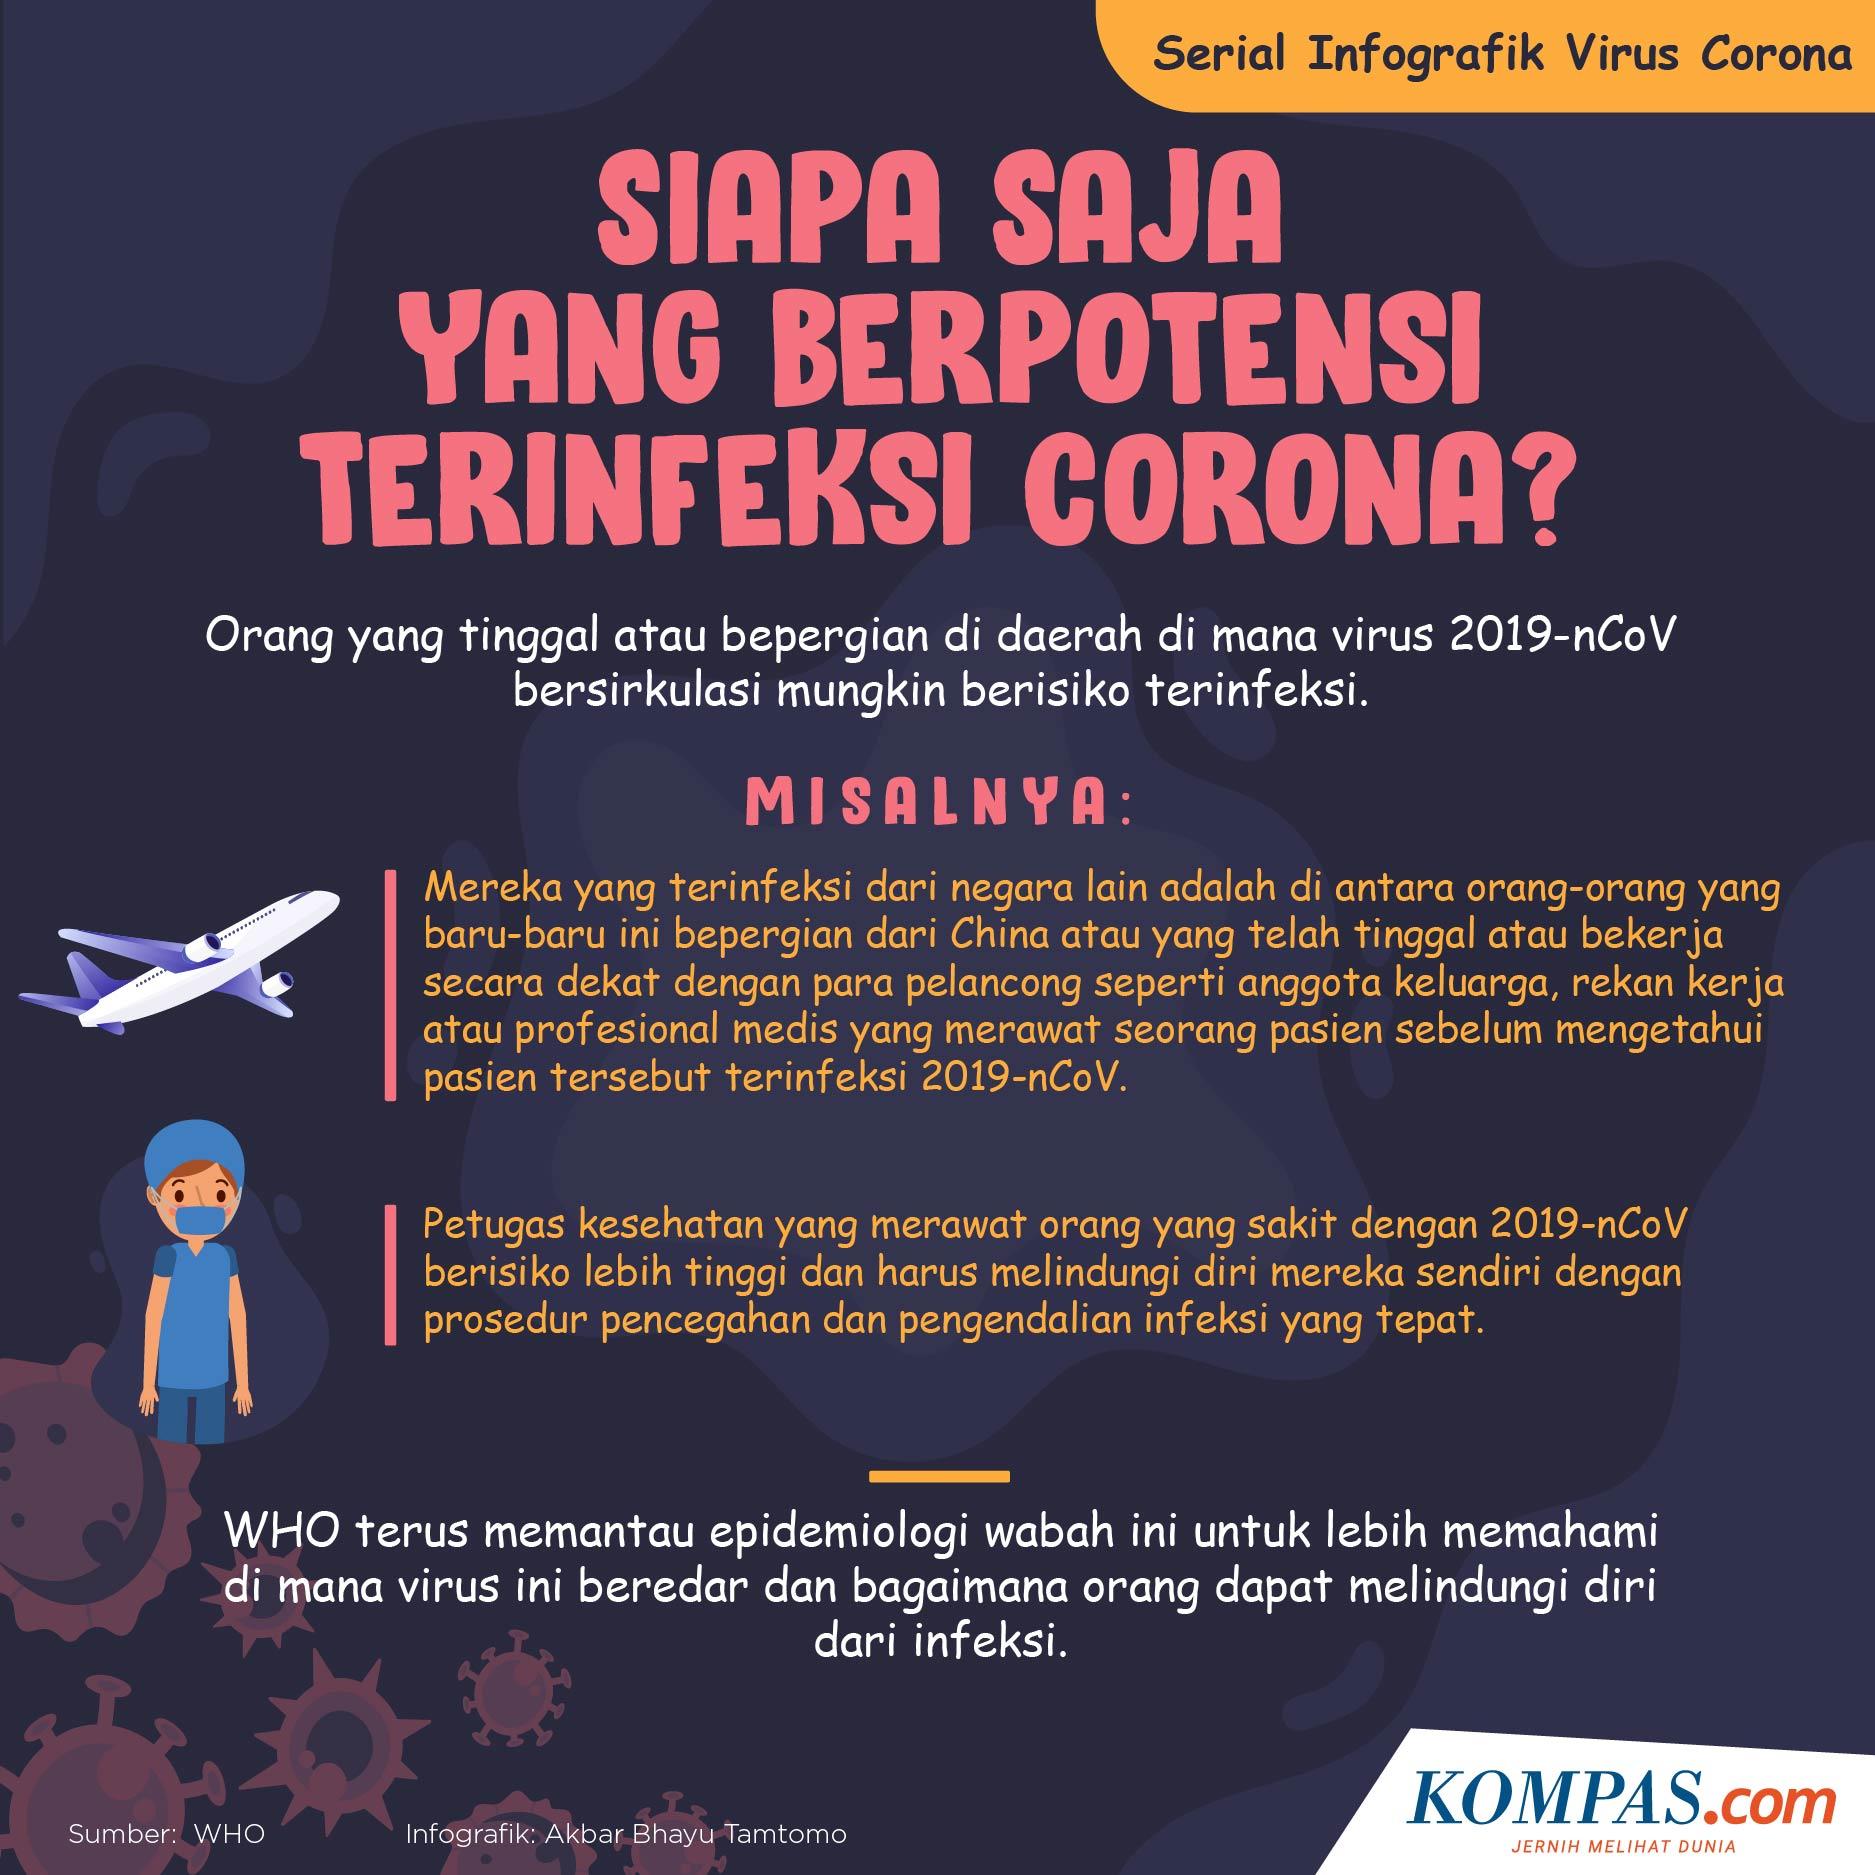 Serial Infografik Virus Corona Siapa Saja Yang Berpotensi Terinfeksi Covid 19